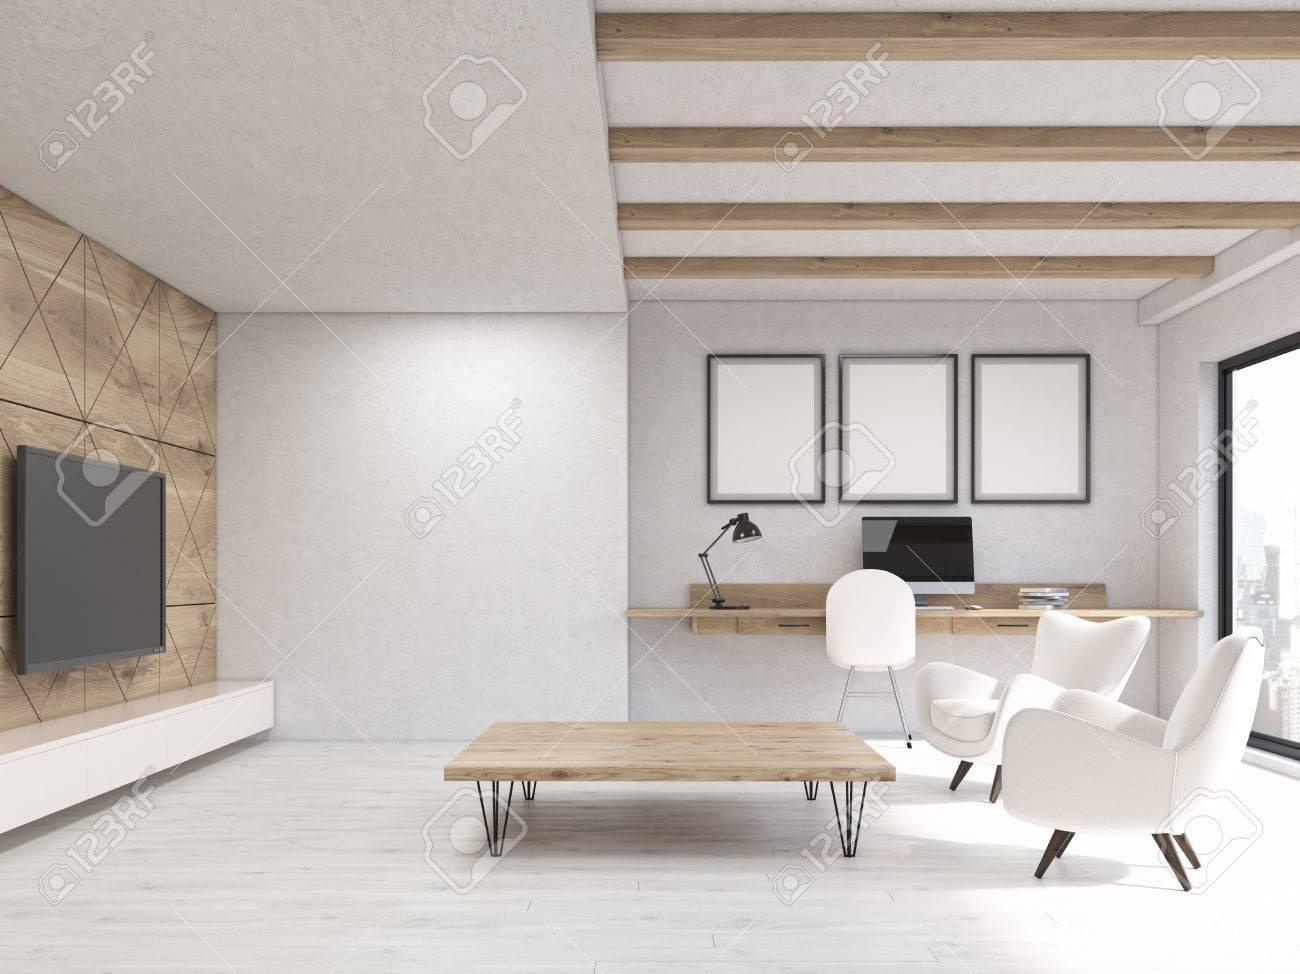 Standard Bild   Wohnzimmer Interieur In Weiß Wohnung Mit Fernseher Hängen  Holzwand, Zwei Sessel Und Arbeitsecke. Konzept Der Komfortablen Zuhause.